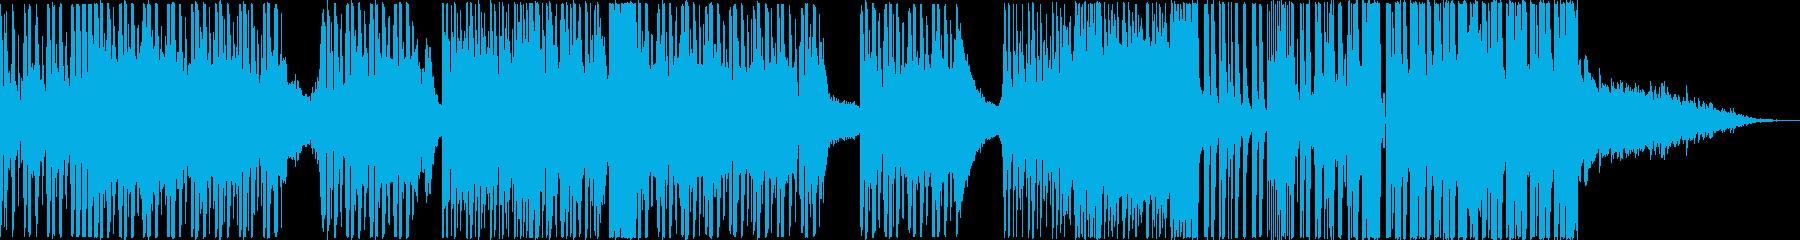 80年代風のクラシカルなテクノです。の再生済みの波形